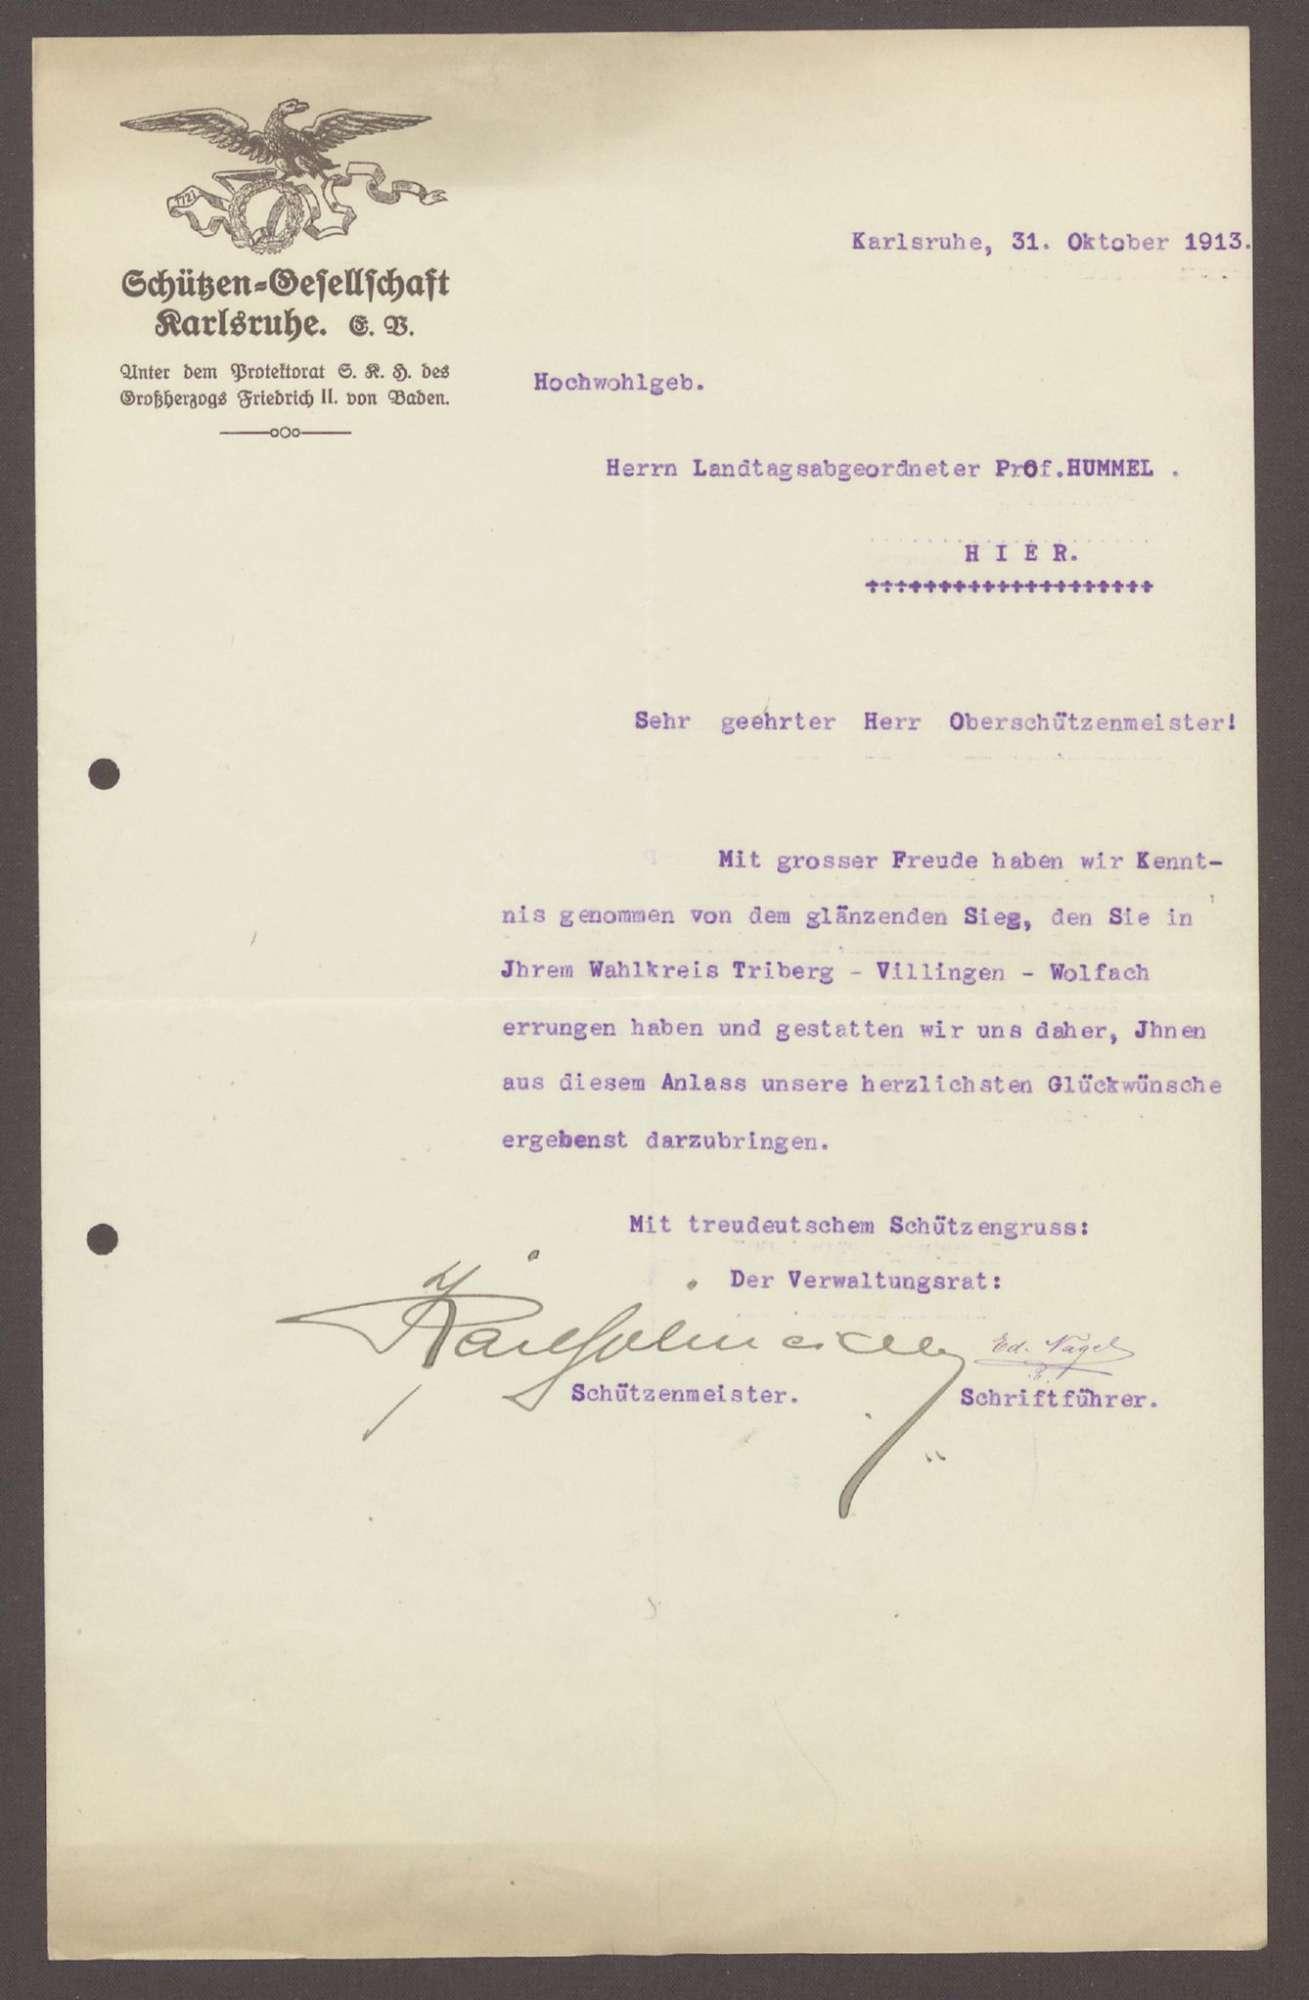 Glückwunschschreiben von der Schützengesellschaft Karlsruhe, an Heinrich Hummel, 1 Schreiben, Bild 1